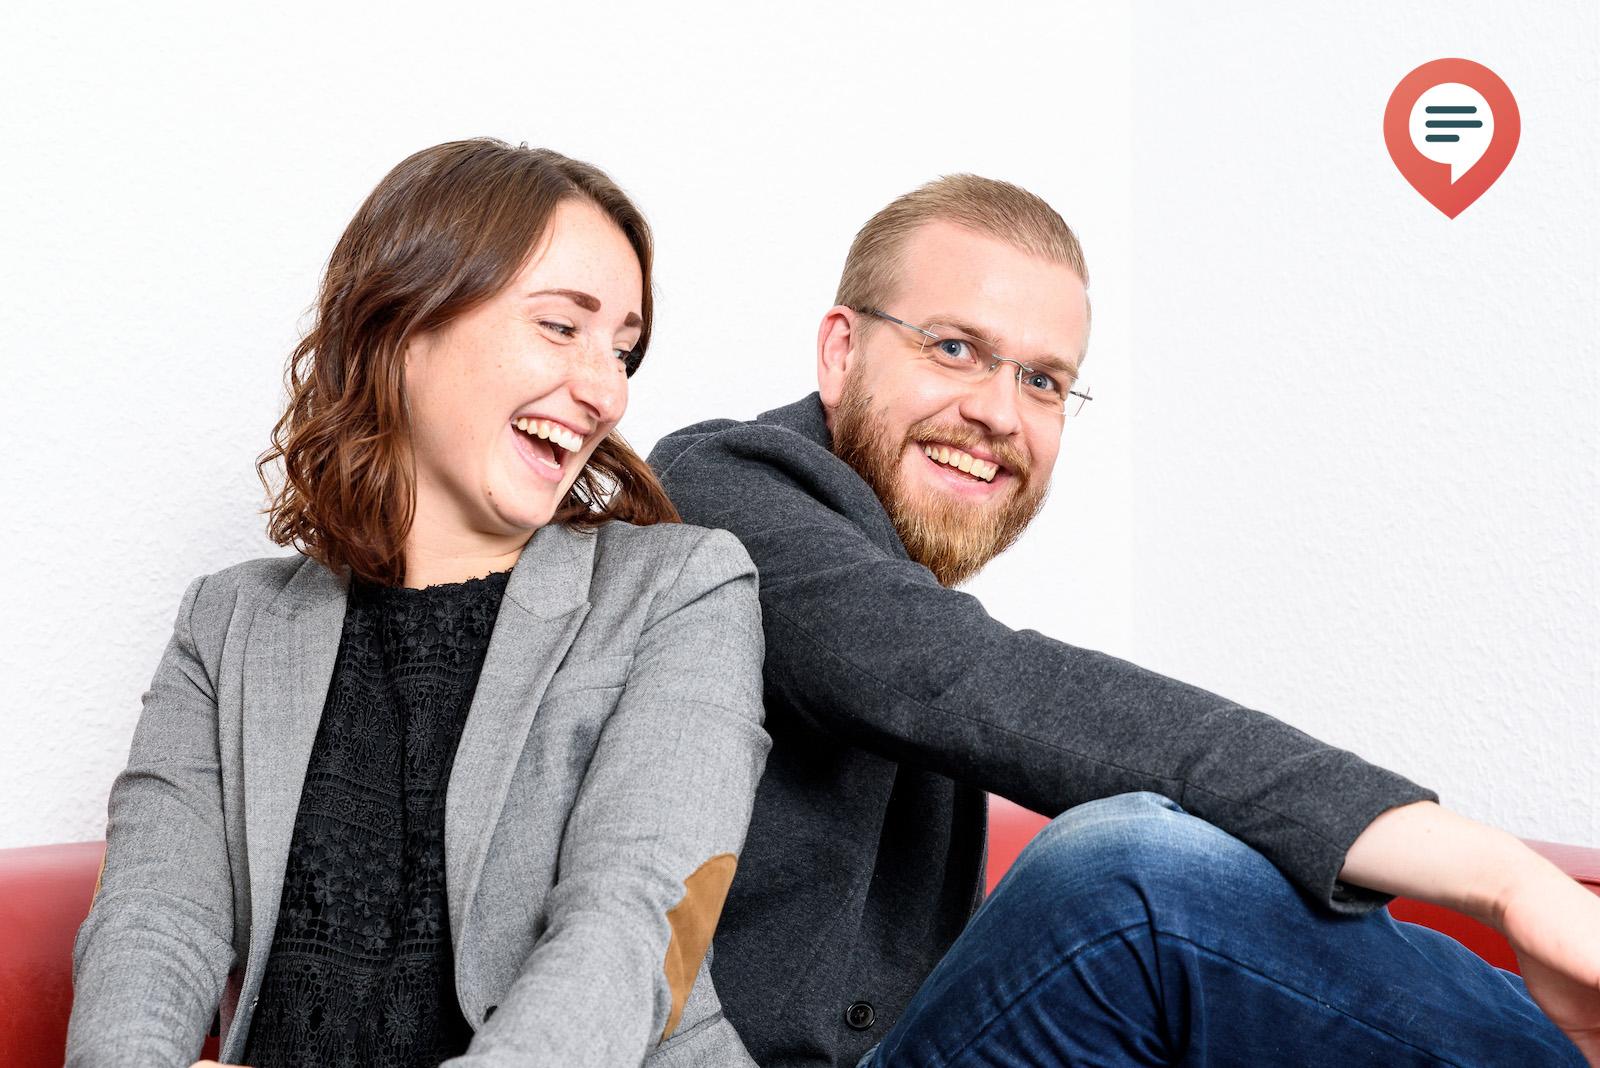 Begeistern statt stören – Tom Dahlström, smoope's neuer Vertriebsexperte über Wertschöpfung im Sales